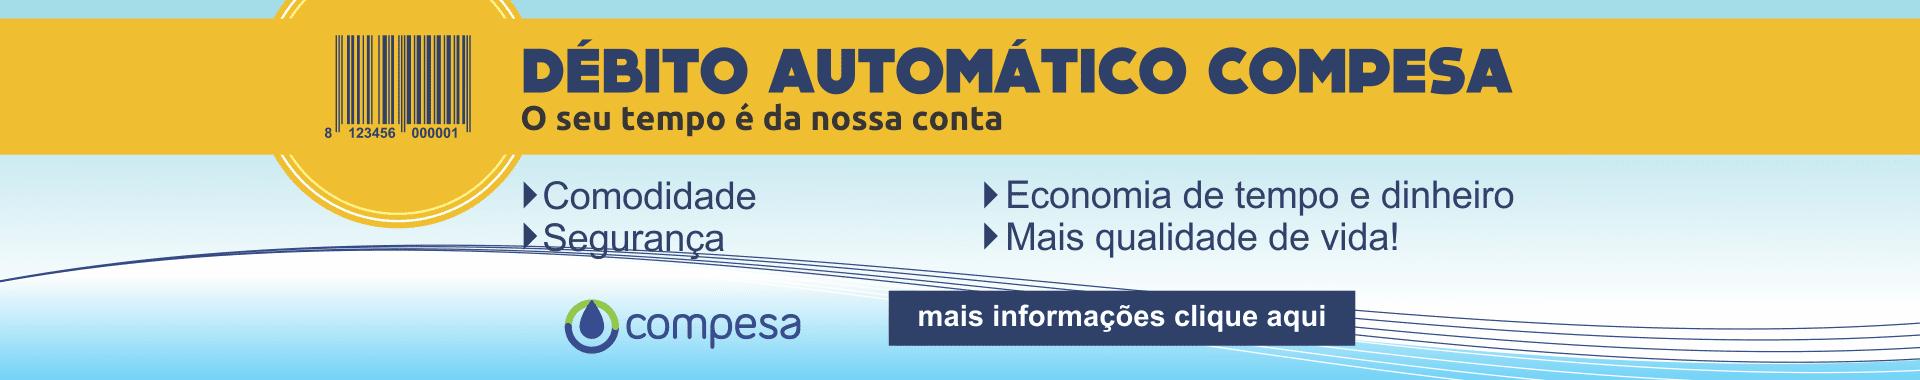 debito_automatico